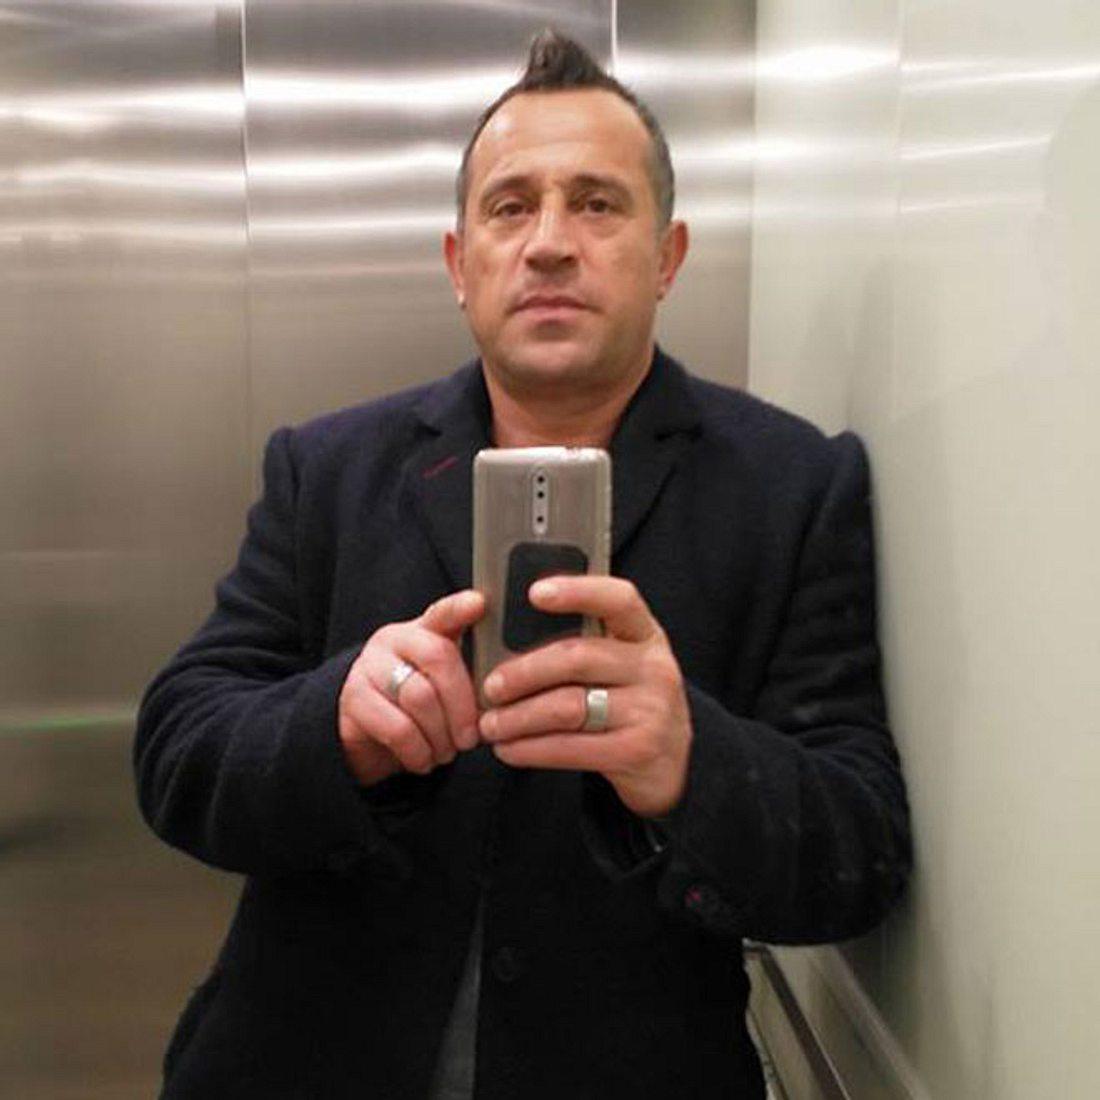 Die Trovatos-Star: Feuer-Drama bei Corrado Voria!